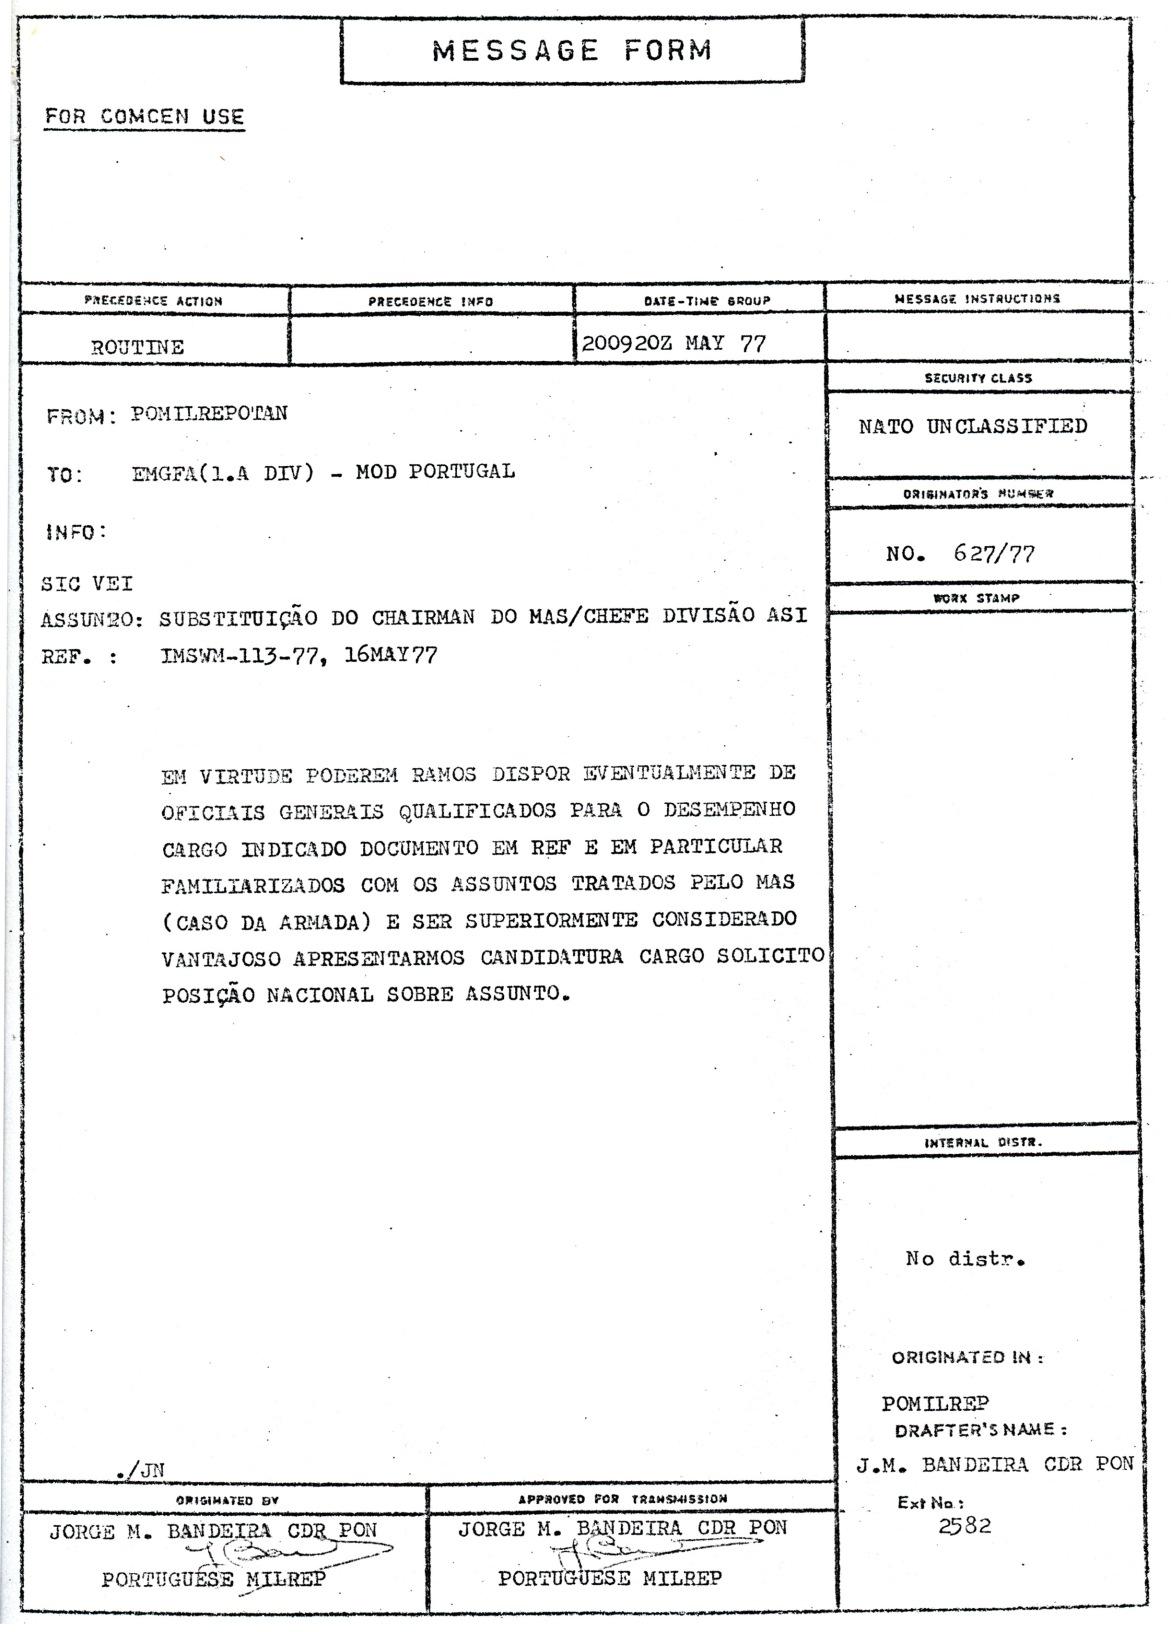 00813 977-05-20 Cargo na NATO - informação da Repres Militar Portug na NATO sobre eventual candidatura a alto cargo